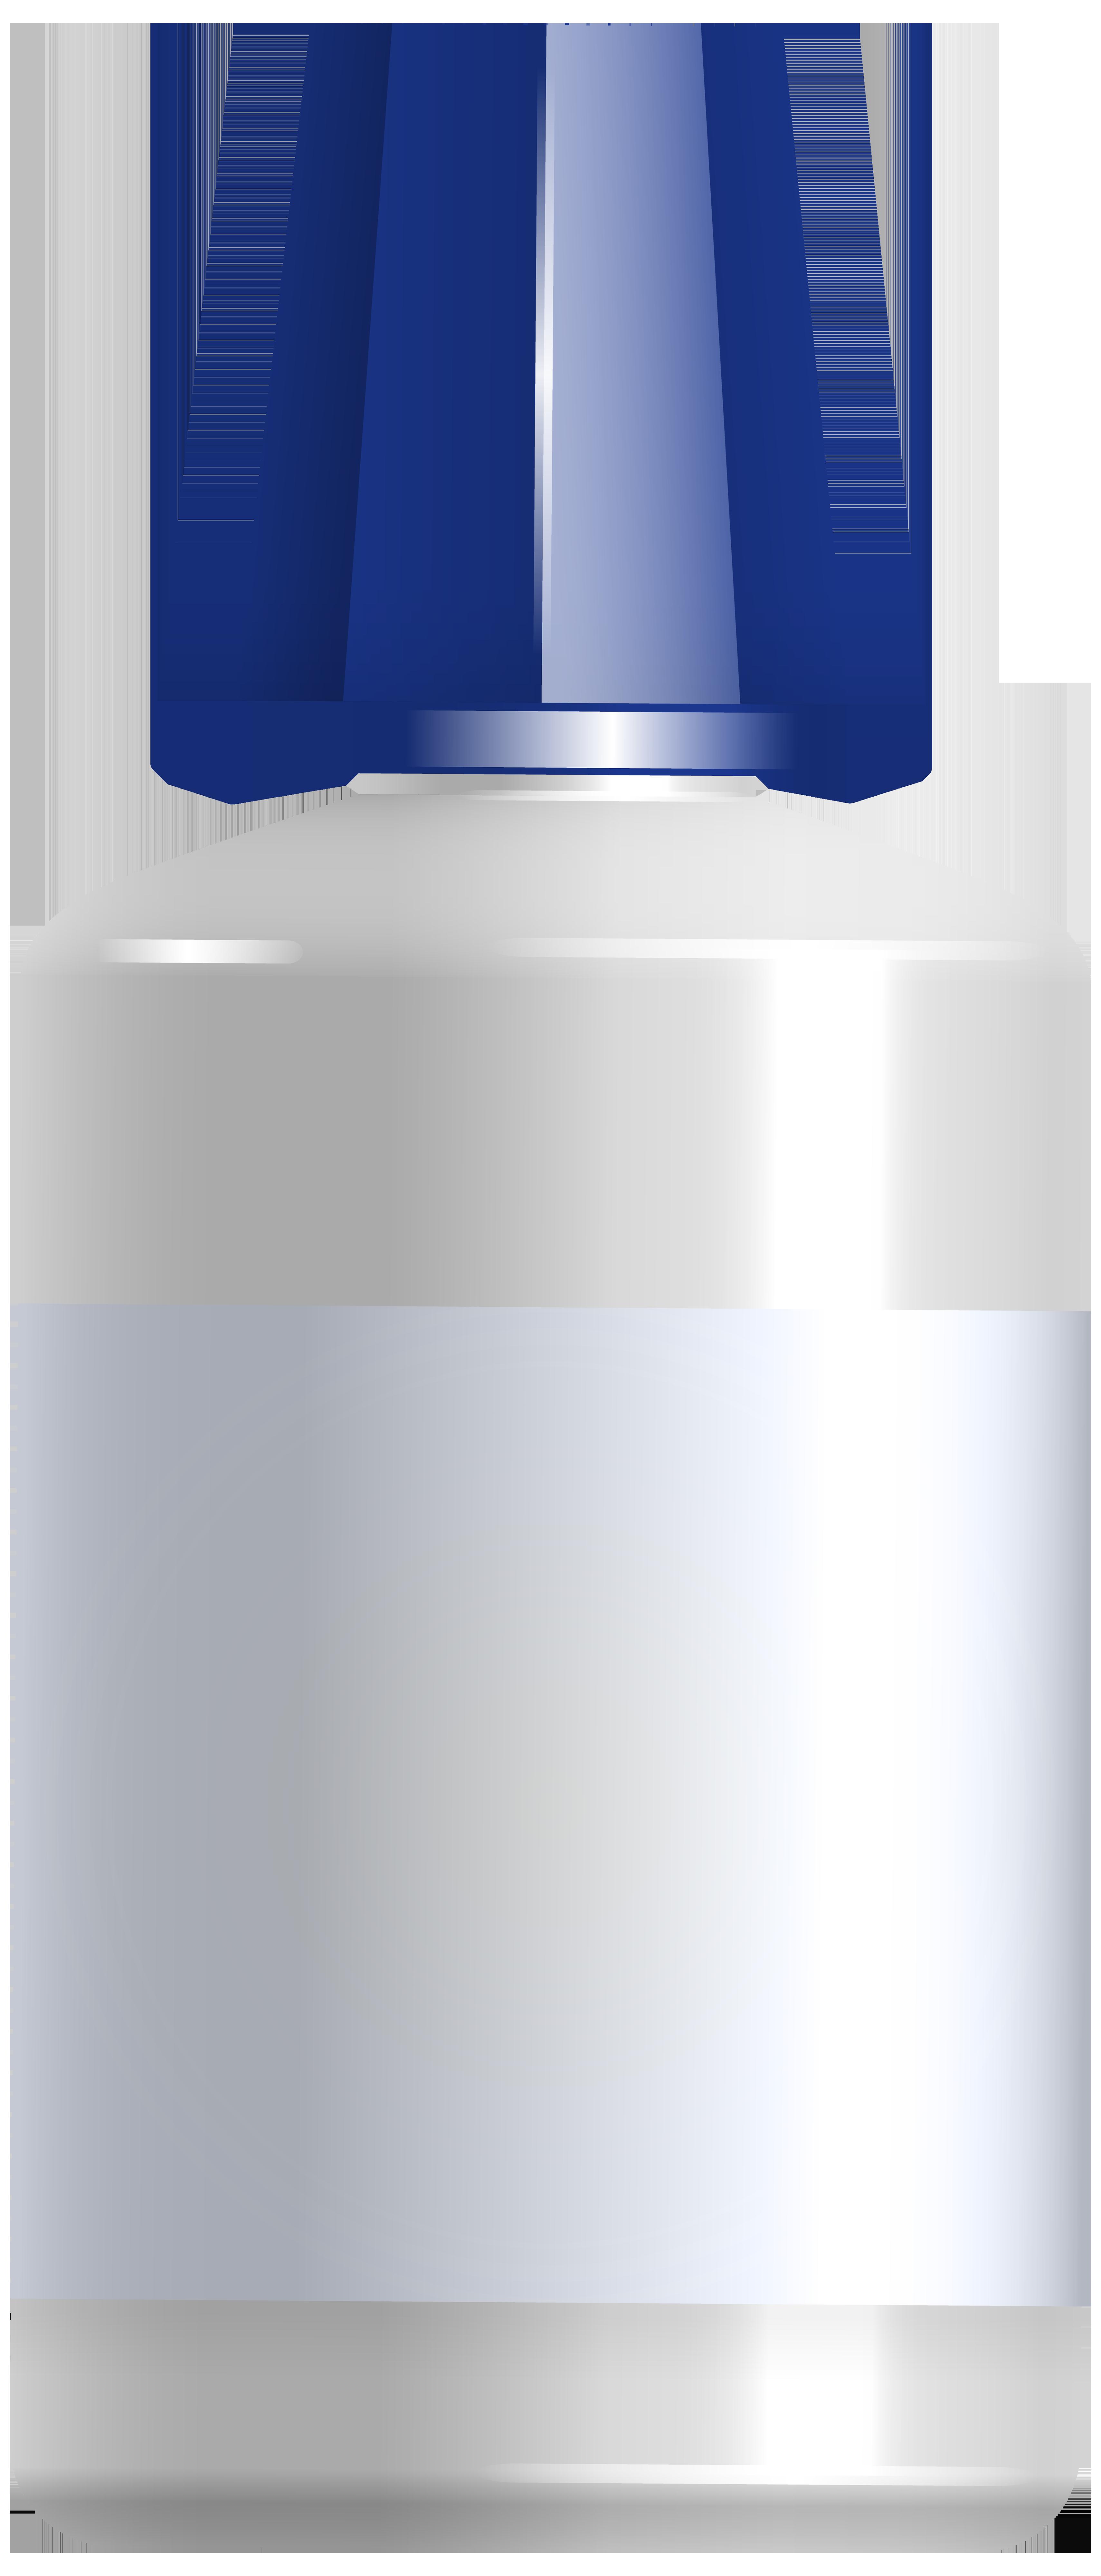 Glue clipart glue bottle. Png clip art image